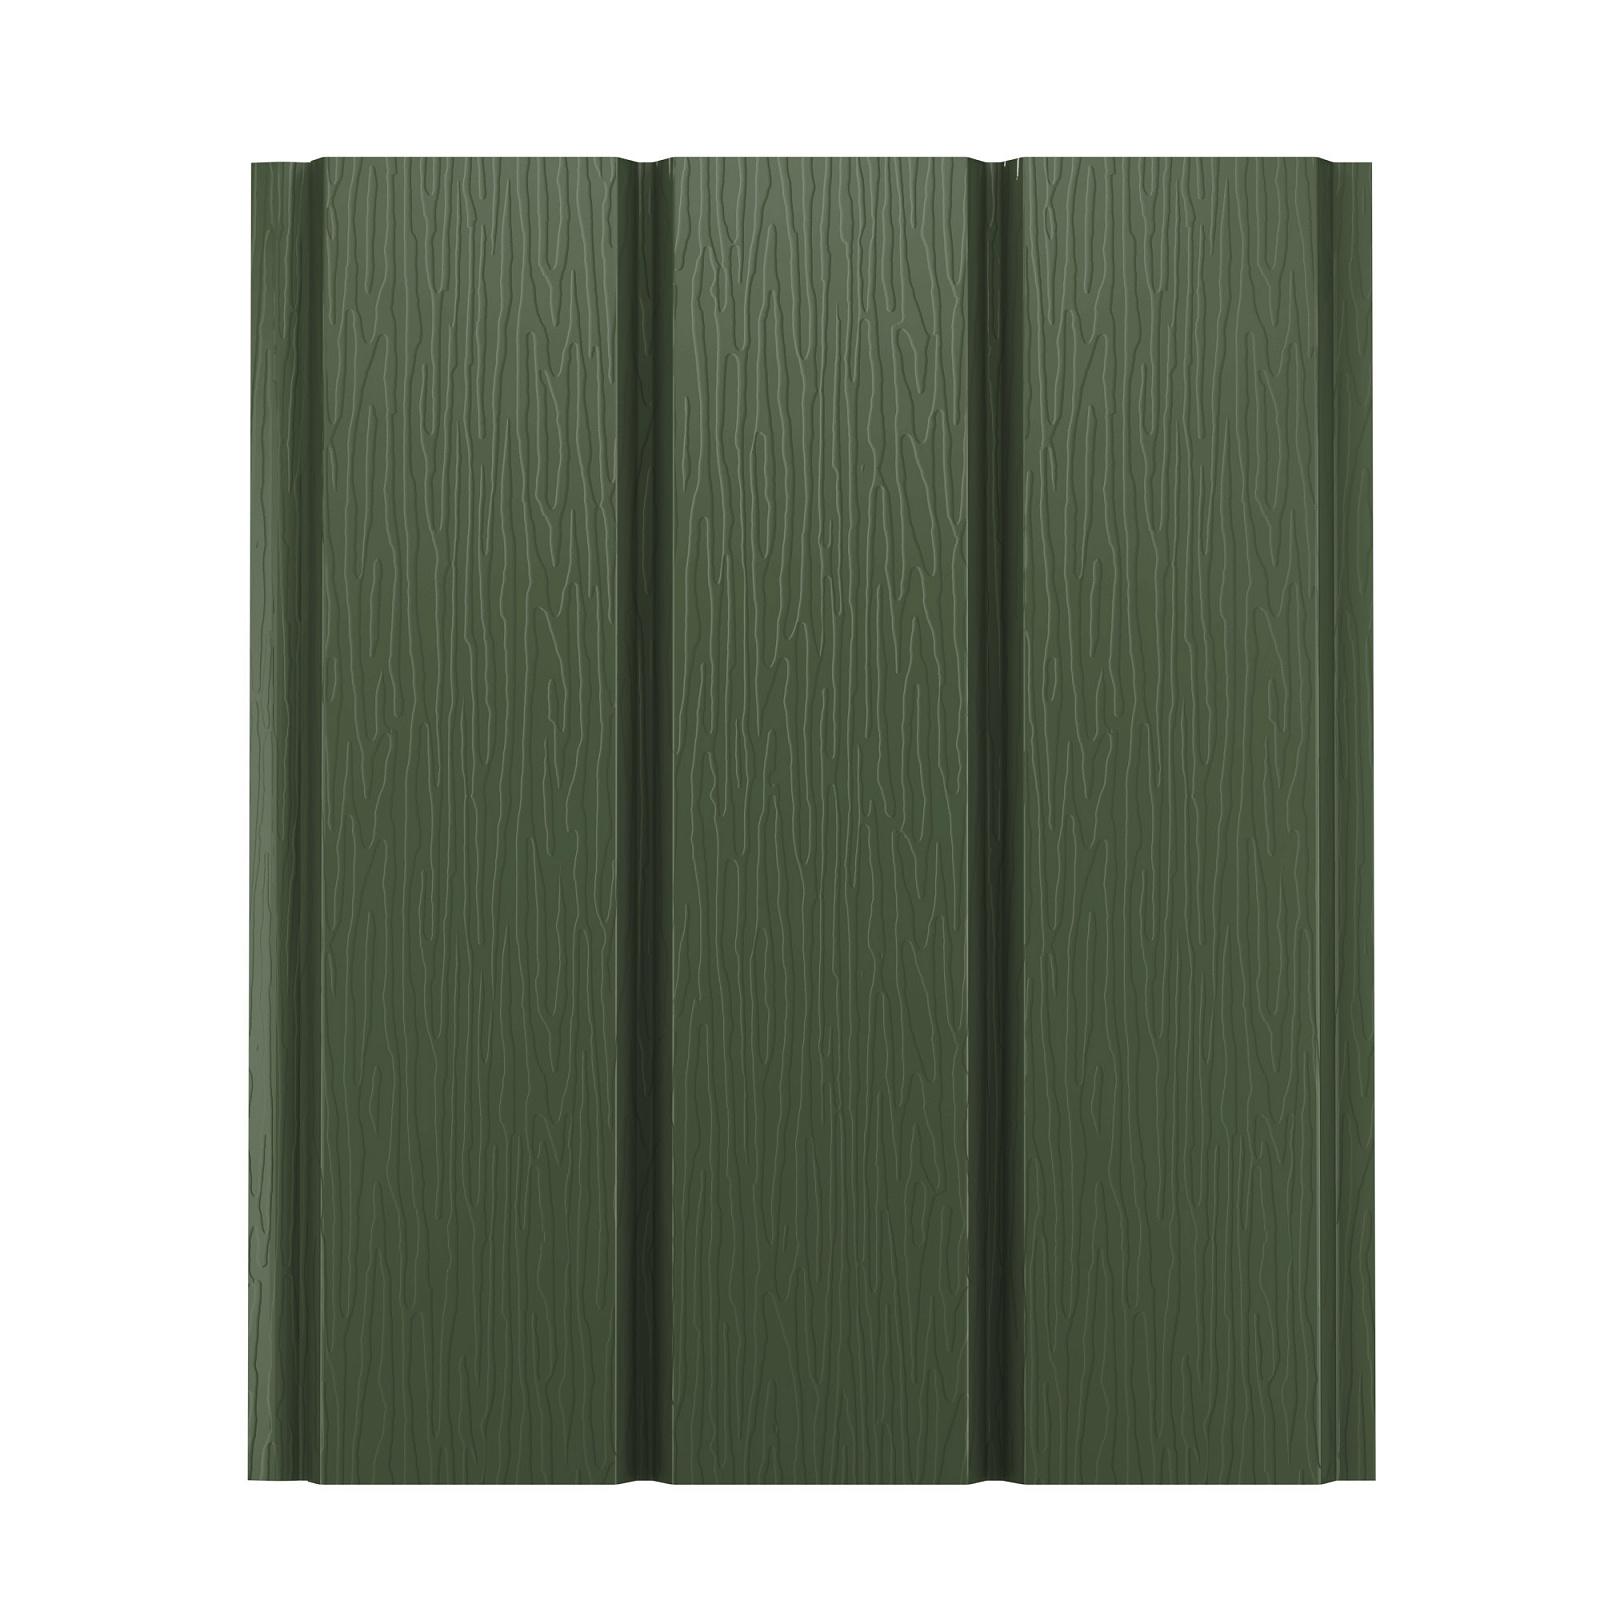 Софит металлический AquaSystem без перфорации Pural 275 г/м2, 2,4 м темно-зеленый RR 11